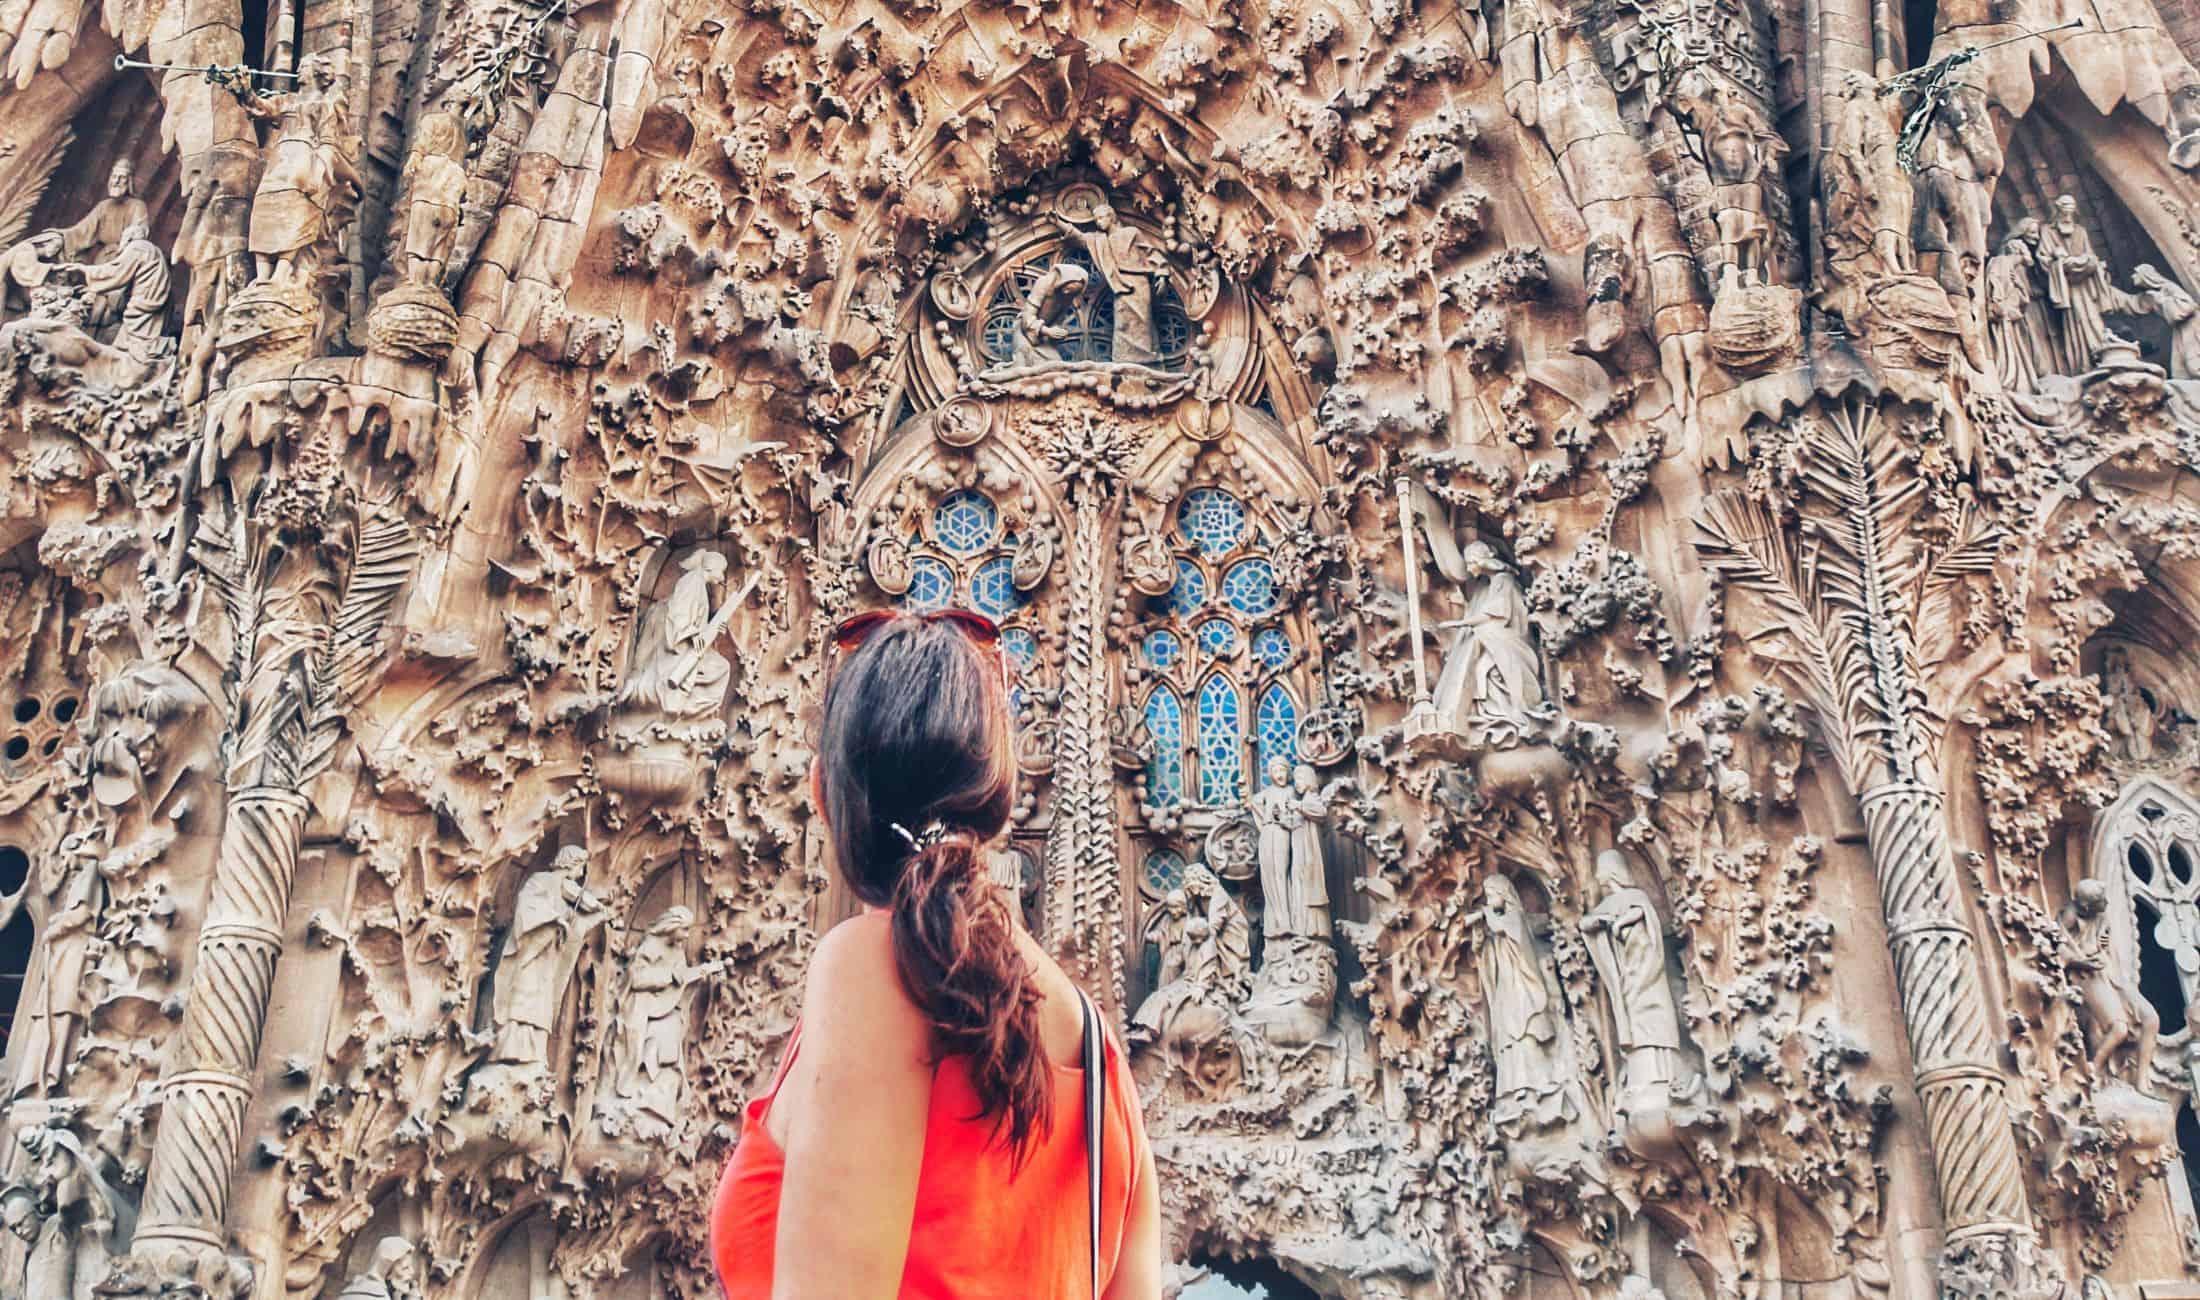 Itinerario Gaudí a Barcellona: le opere più importanti da vedere